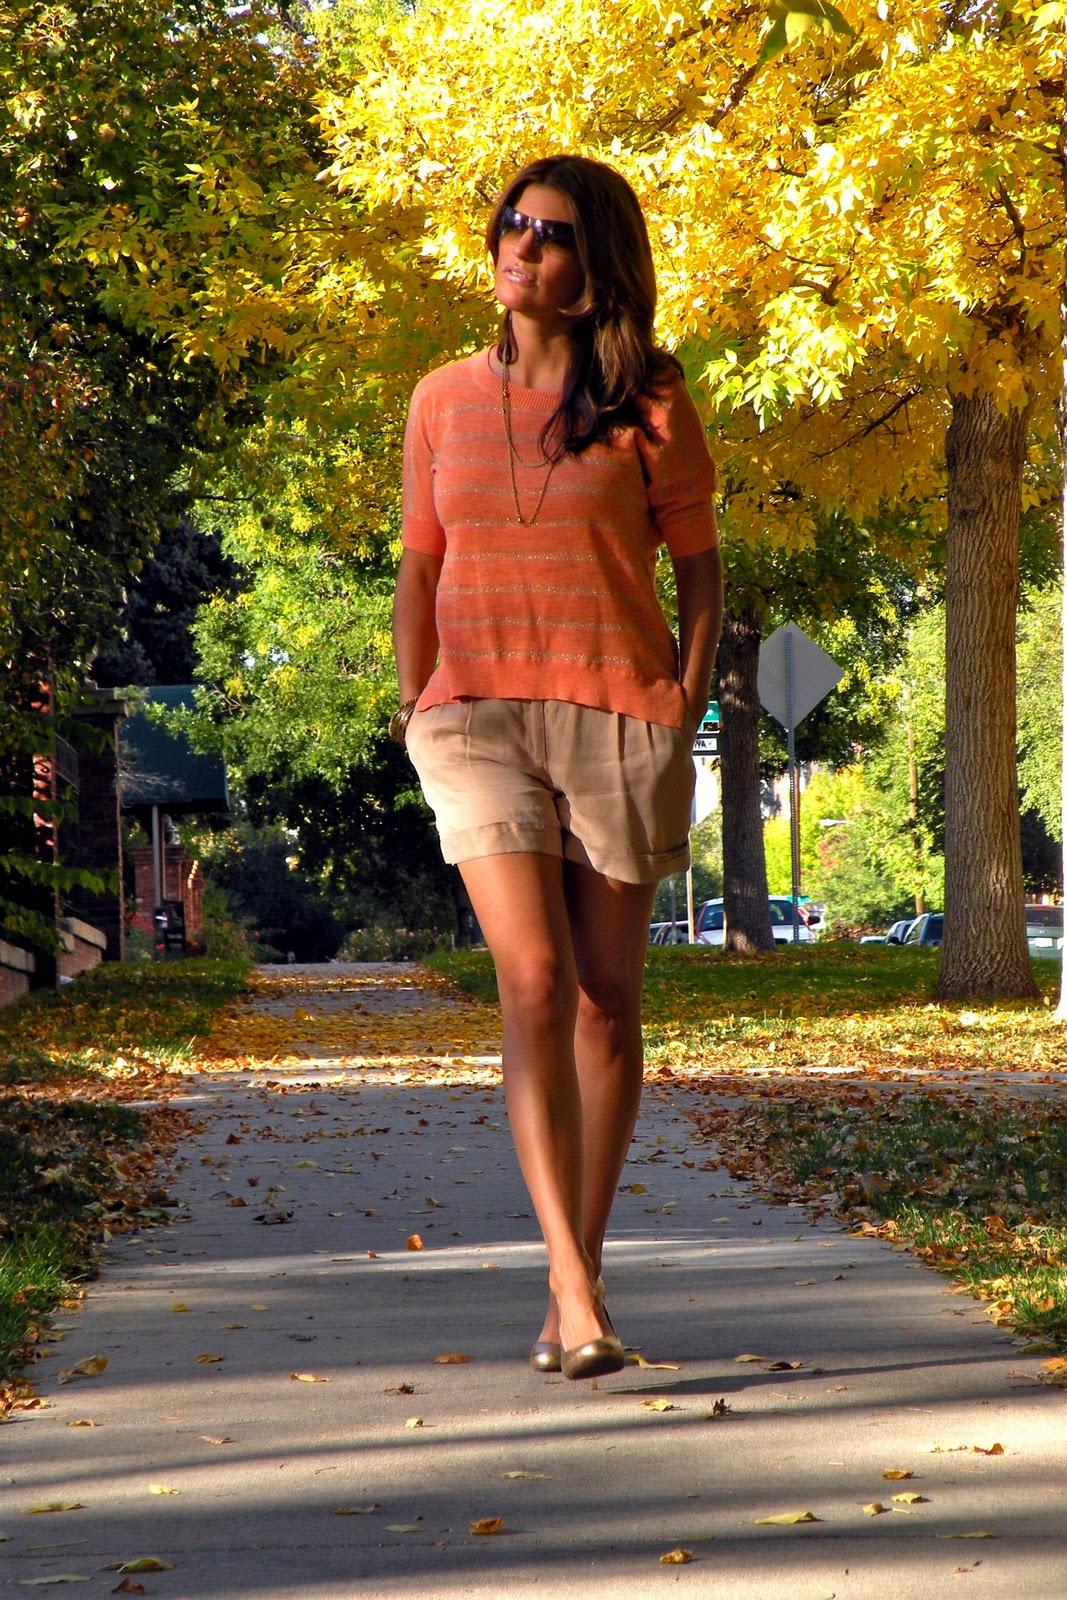 http://3.bp.blogspot.com/-13ILqmwxItI/TpuwDp2X95I/AAAAAAAAAIQ/2u1z6RyeXjY/s1600/fall+shorts.jpg